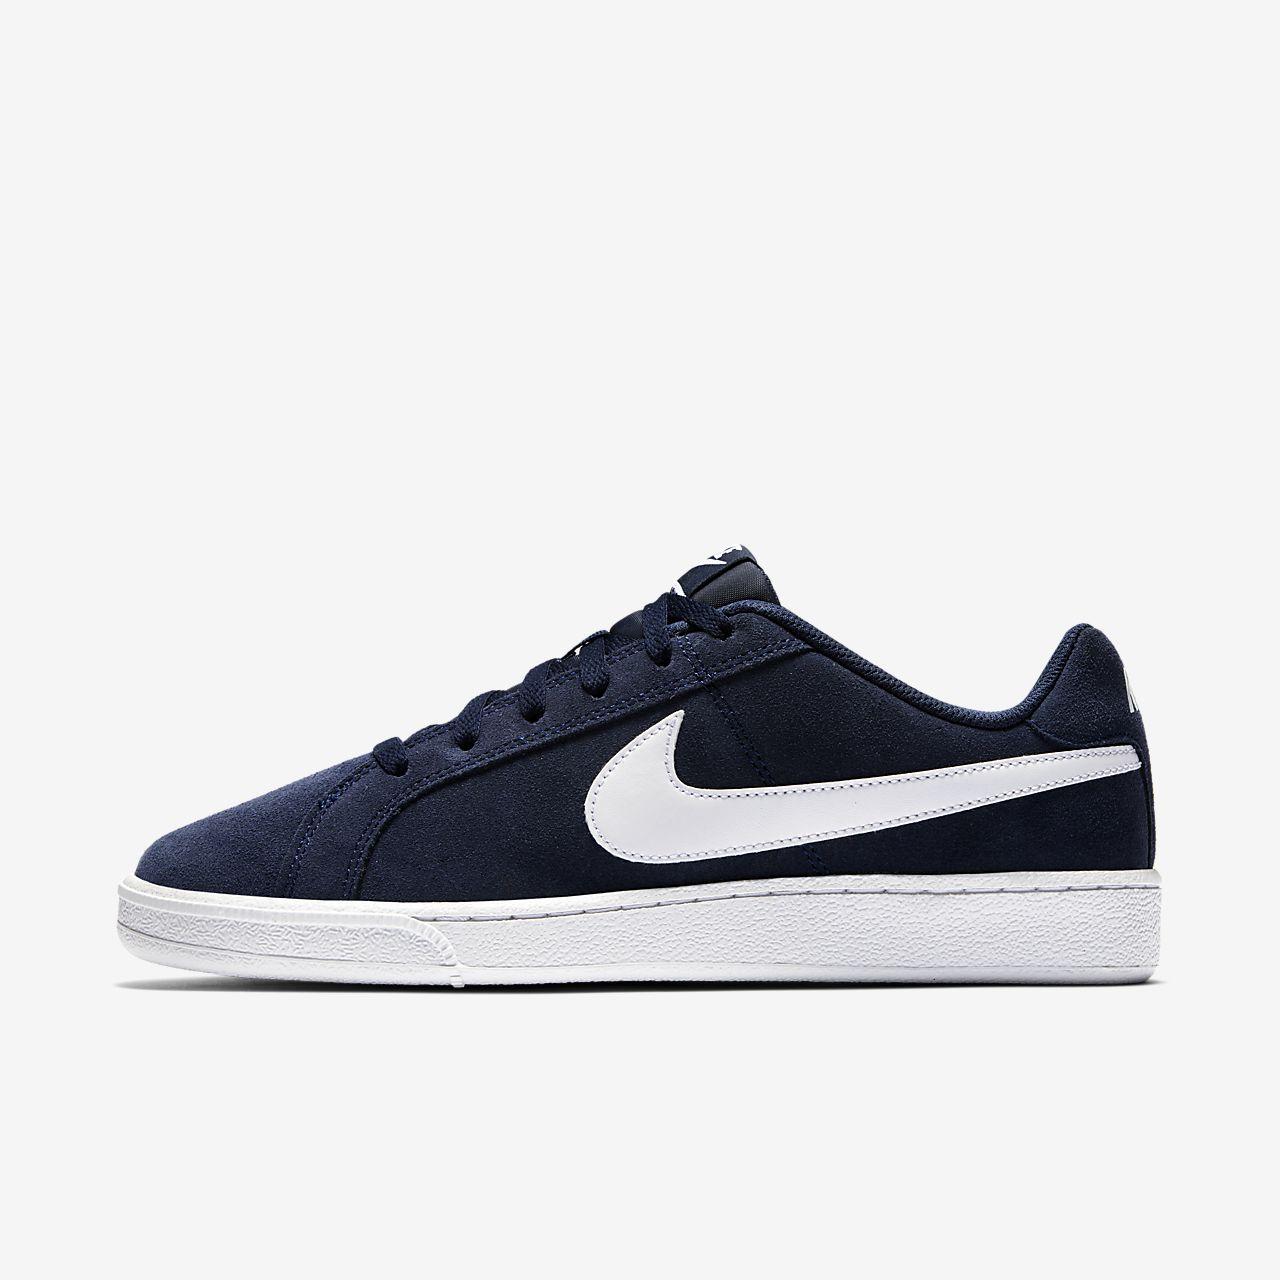 NikeCourt Royale Tennisschoen voor heren